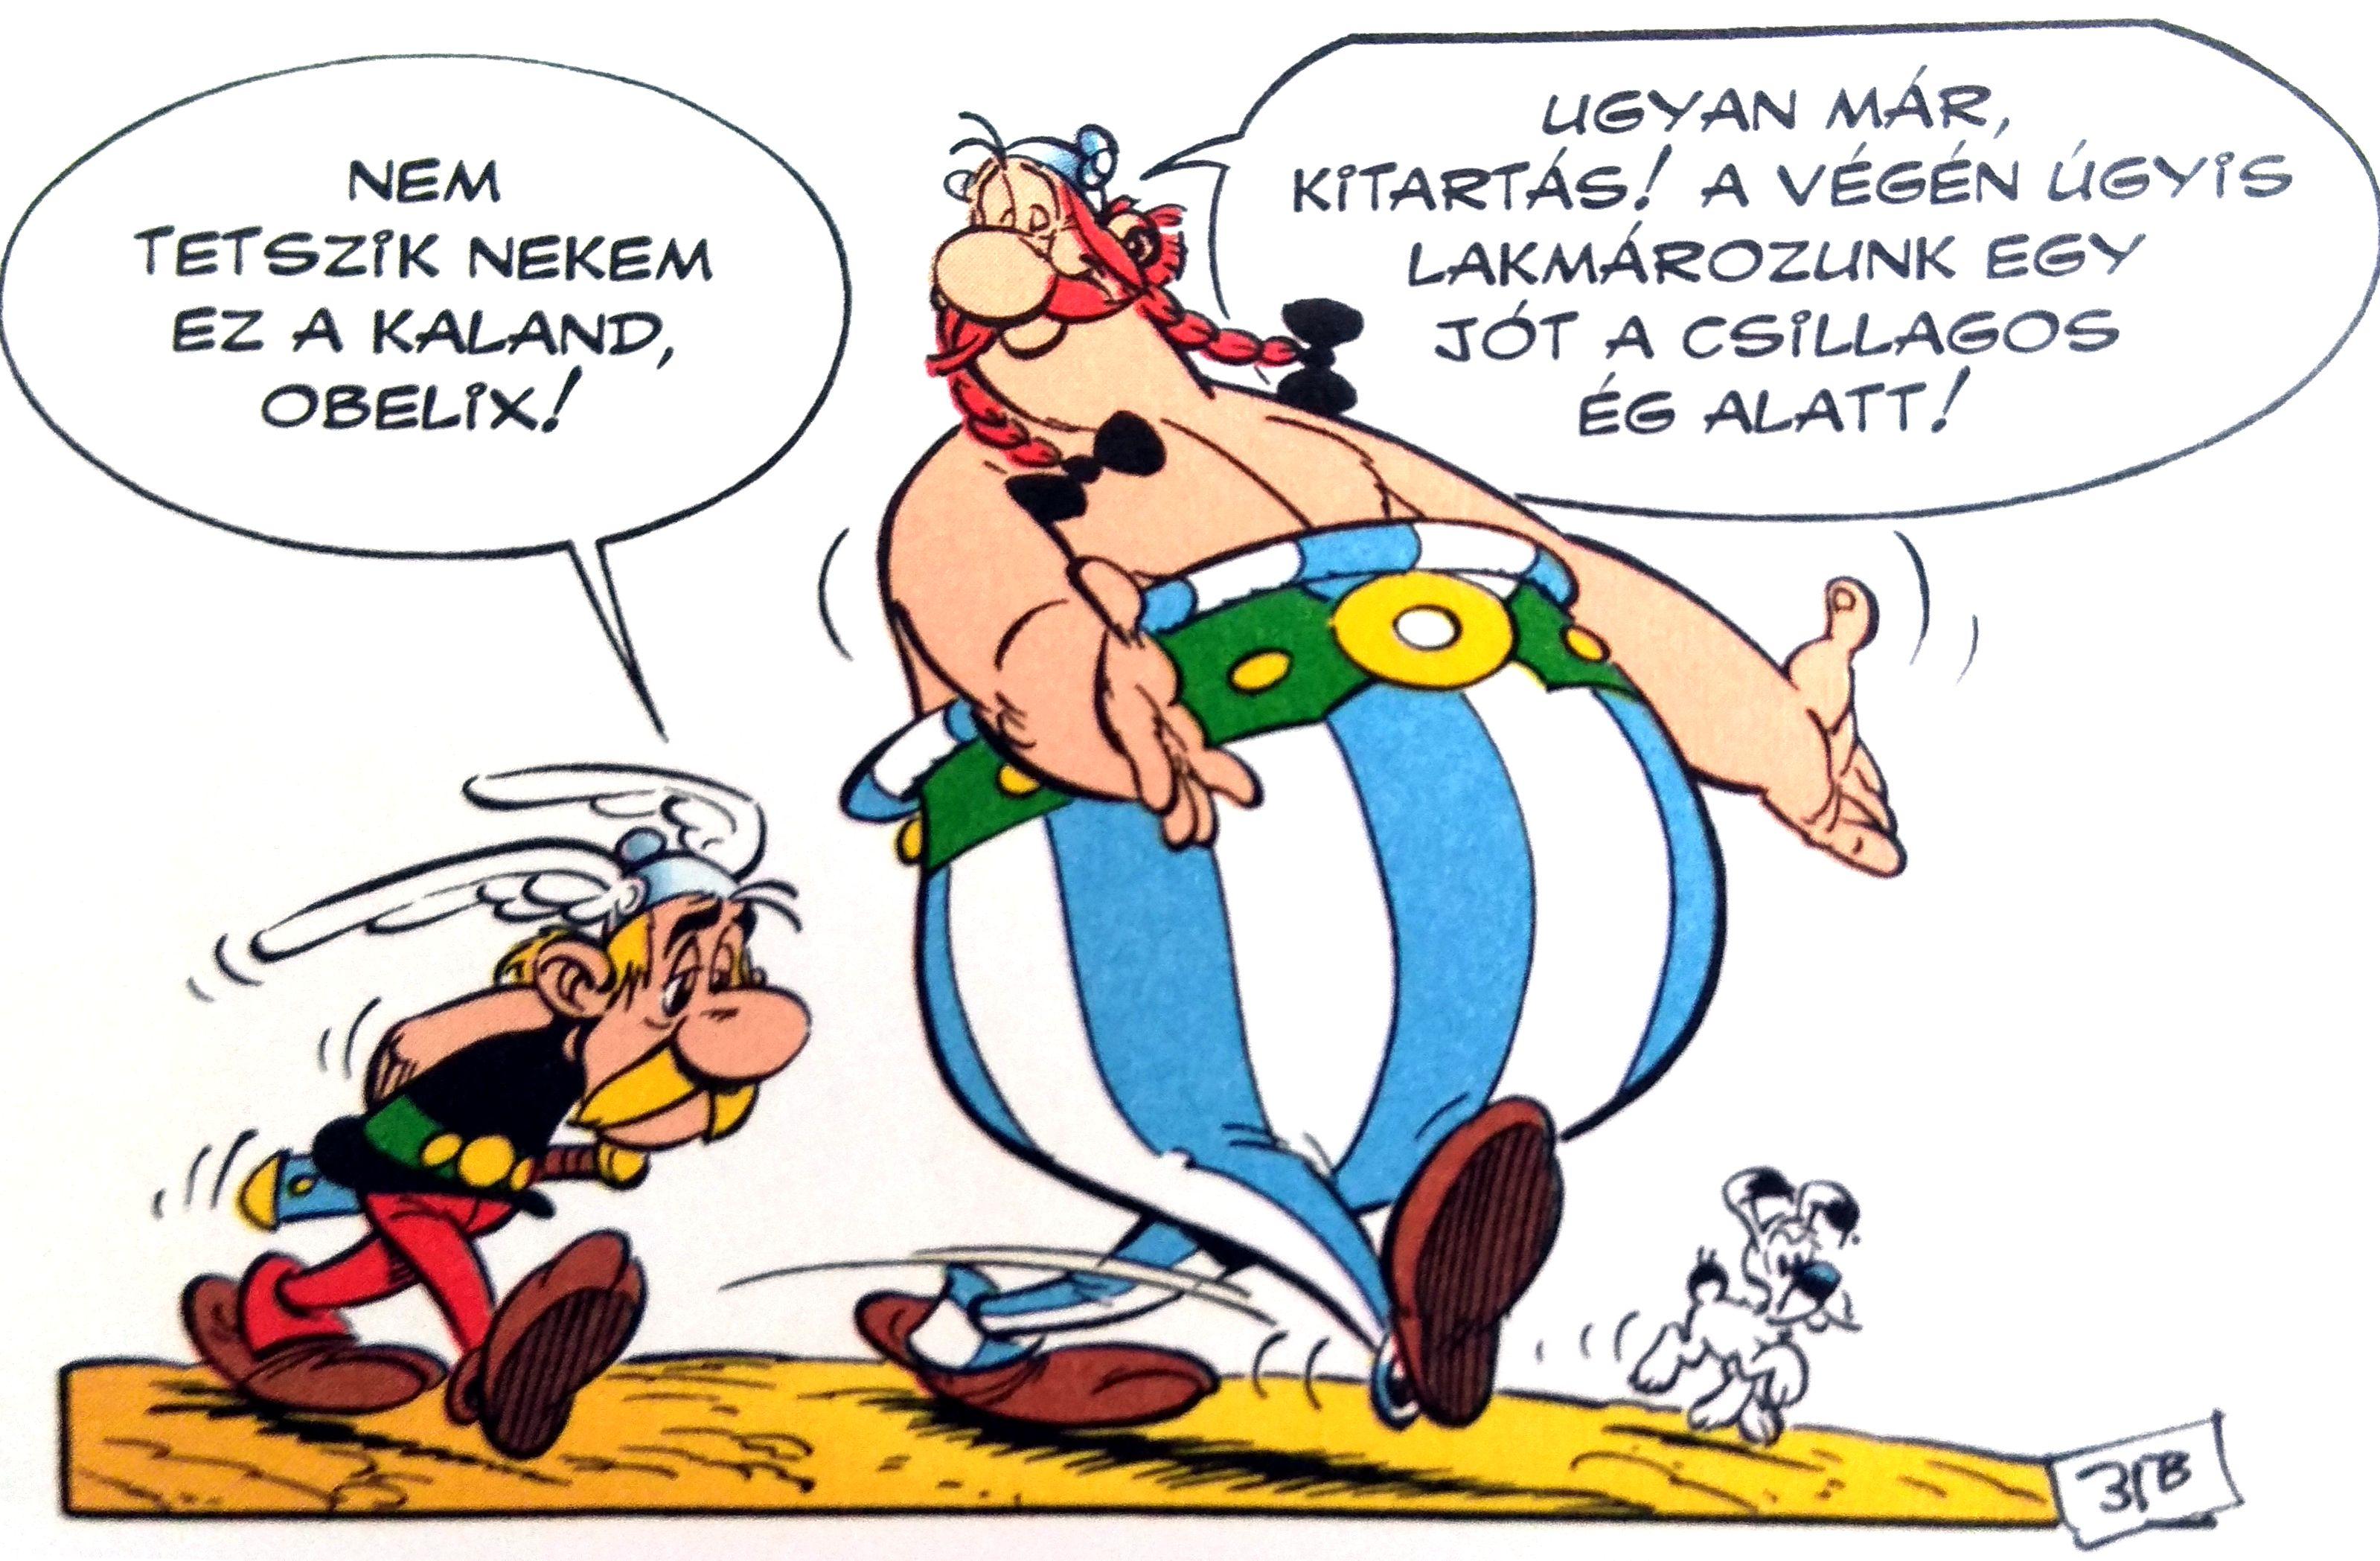 asterix_27_asterix_fia_csillagokalatt.jpg